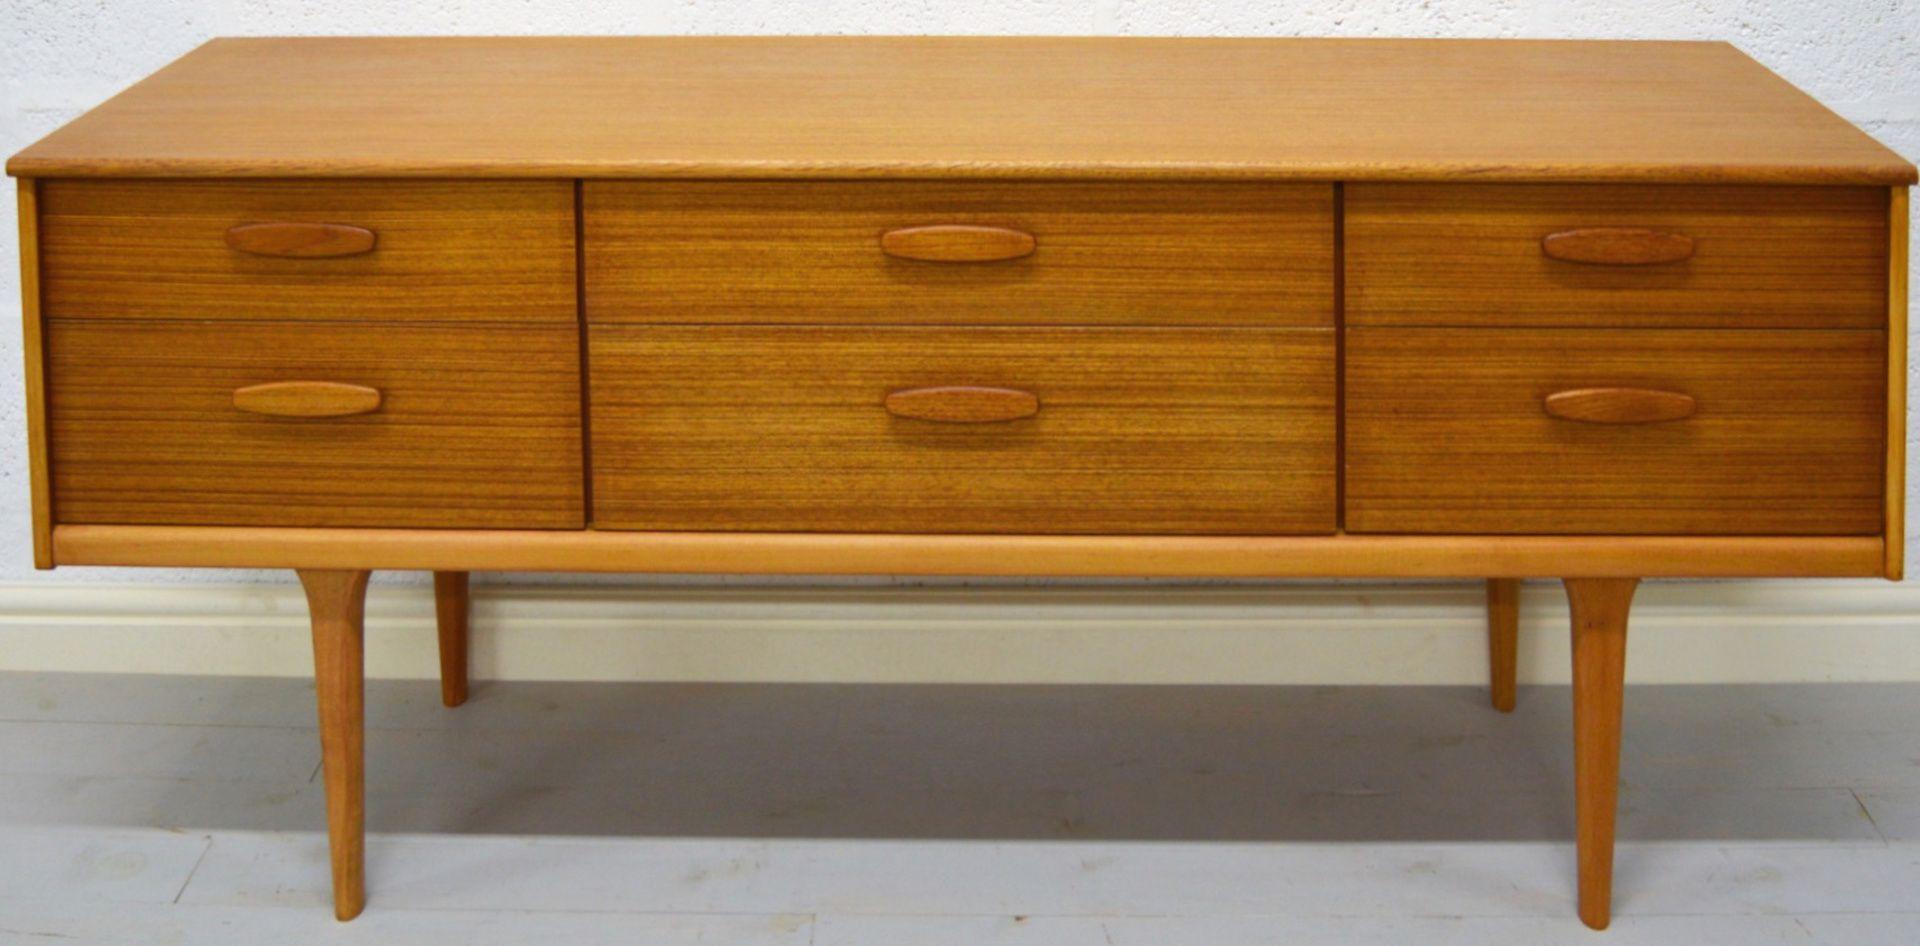 vintage kommode aus hellem teakholz bei pamono kaufen. Black Bedroom Furniture Sets. Home Design Ideas